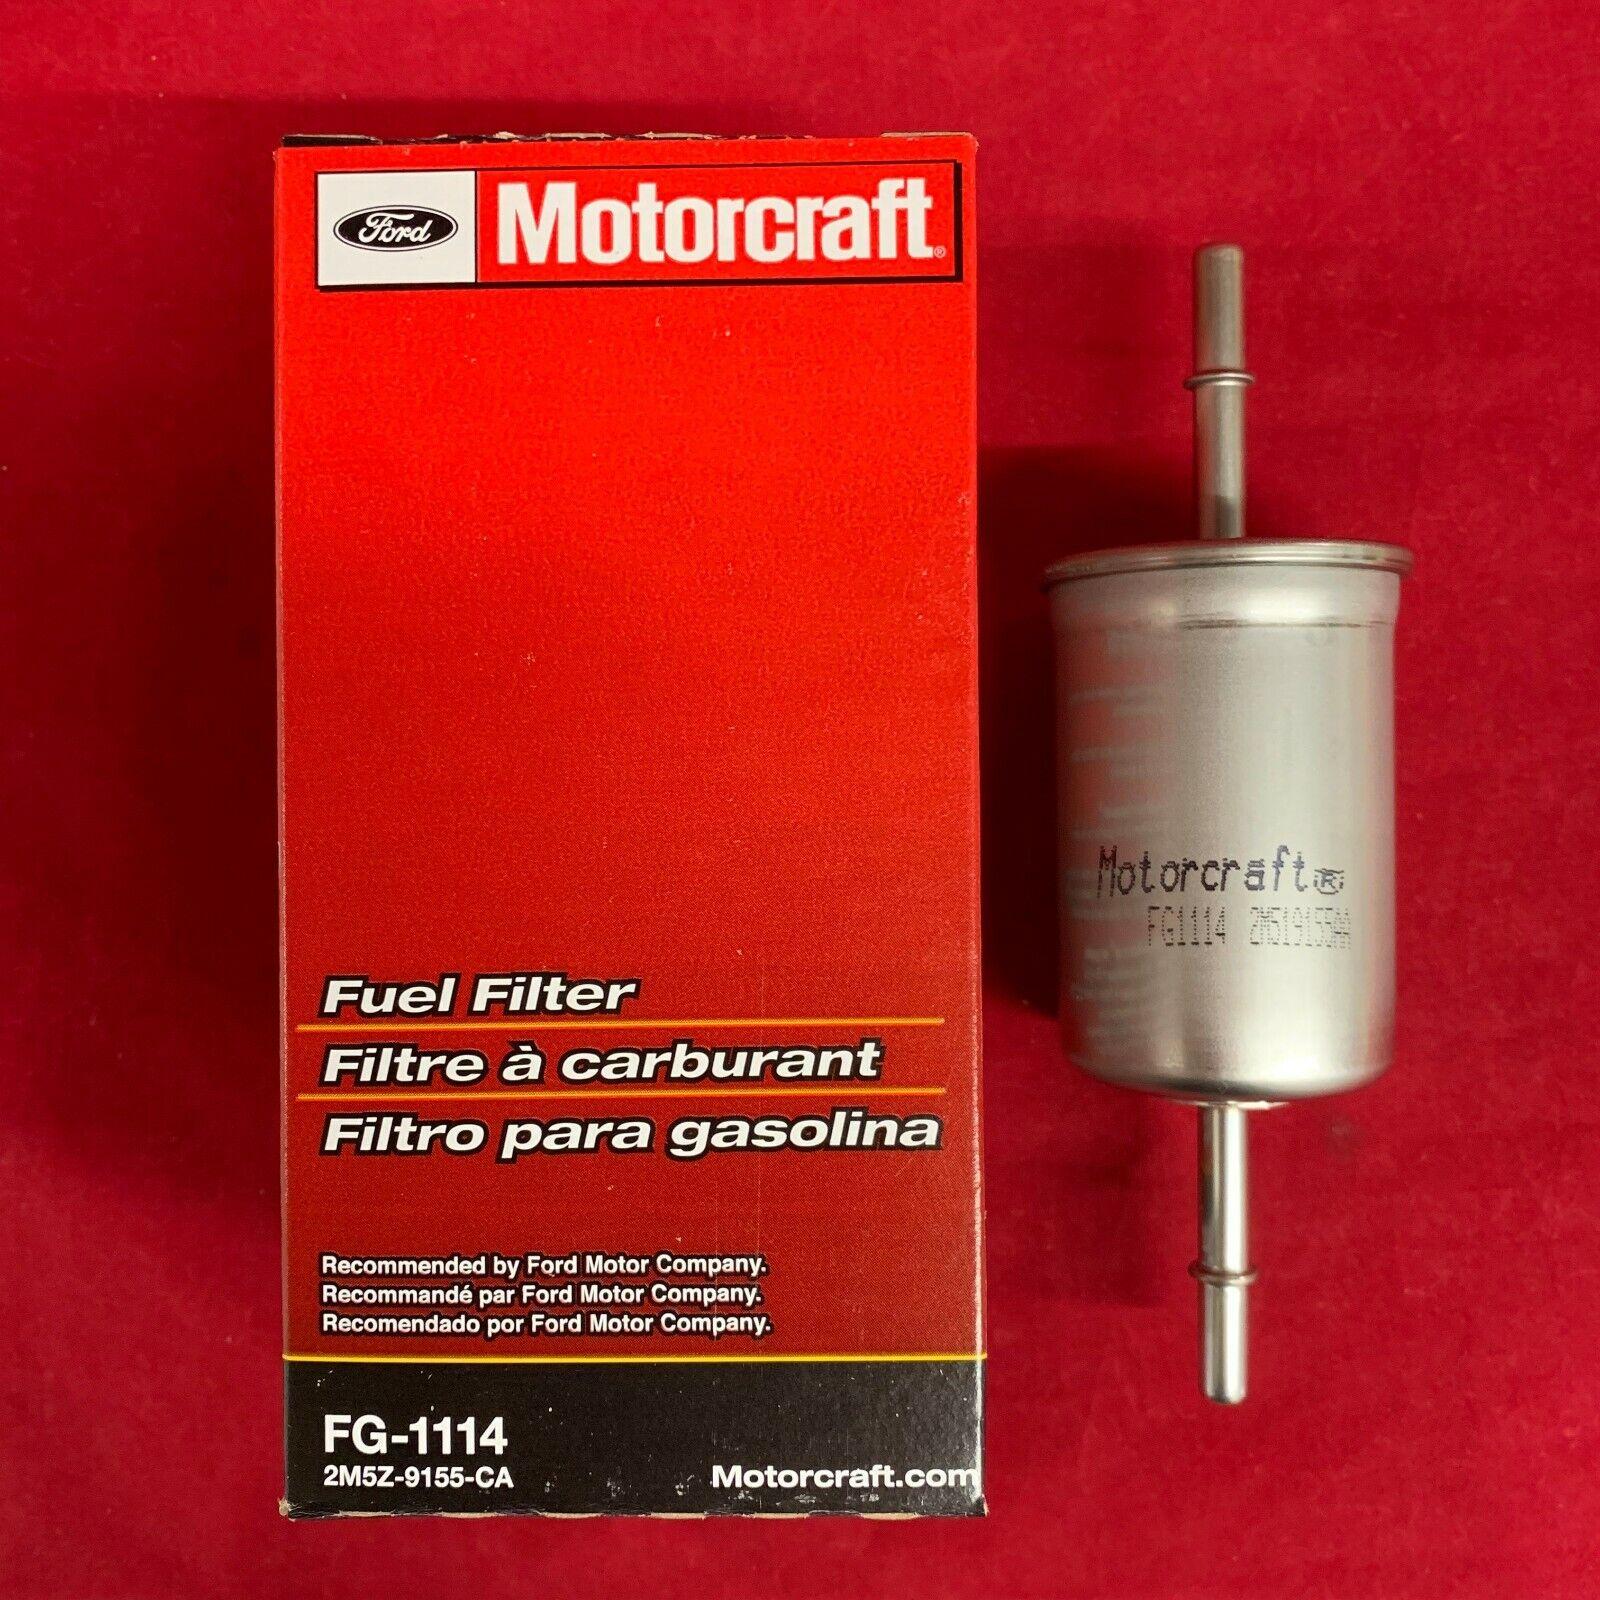 Fuel Motorcraft FG-1114 Filter Assy